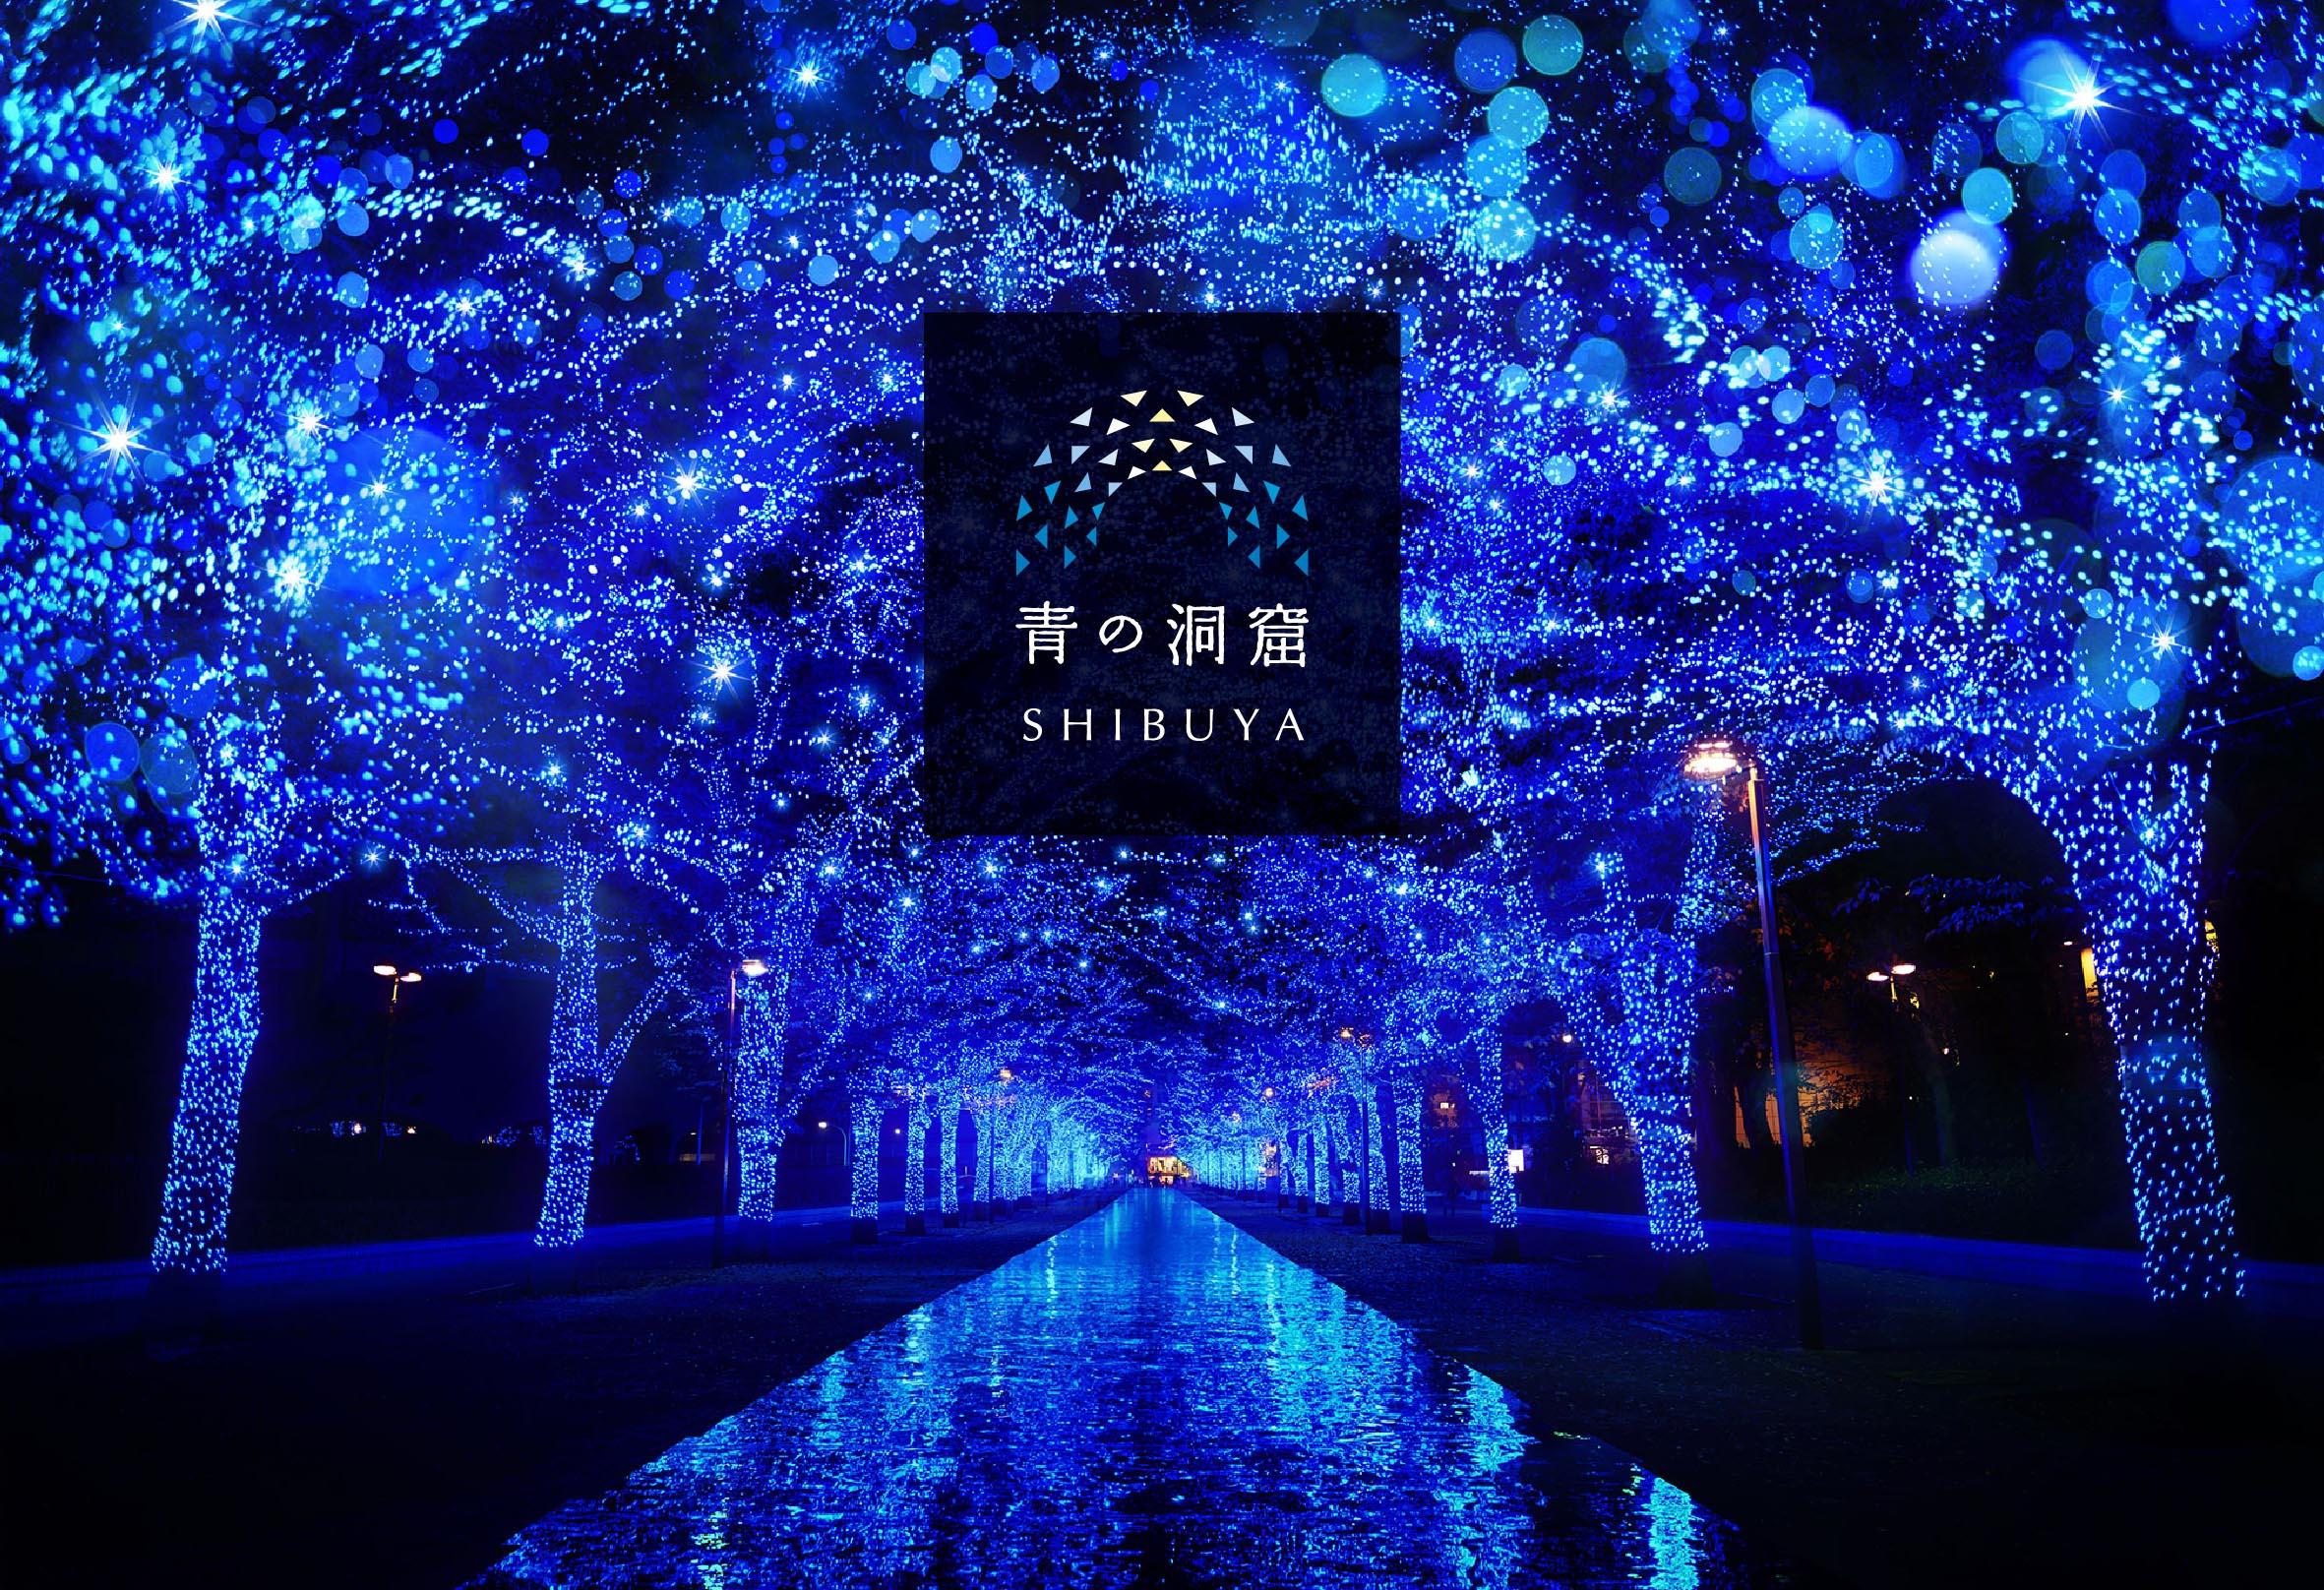 161207_Shibuya_MAIN